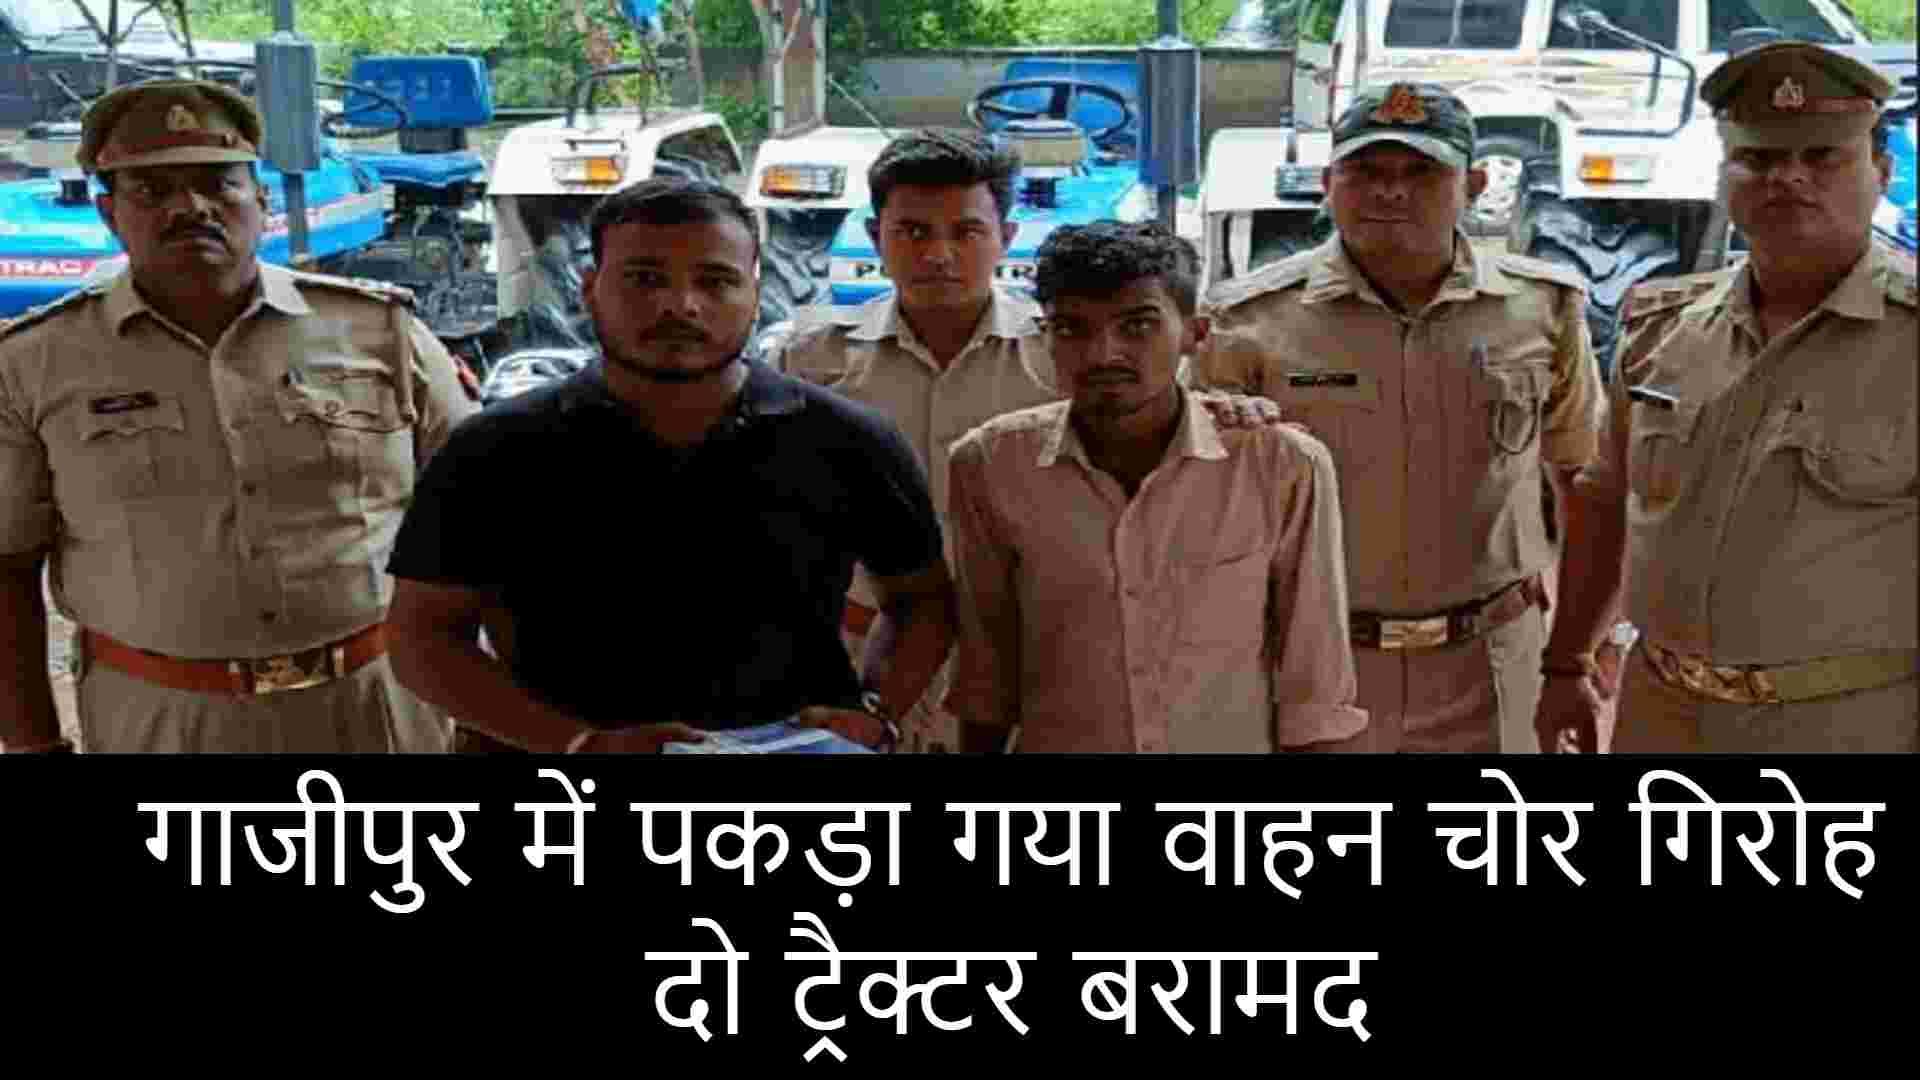 गाजीपुर में पकड़ा गया वाहन चोर गिरोह, दो ट्रैक्टर बरामद